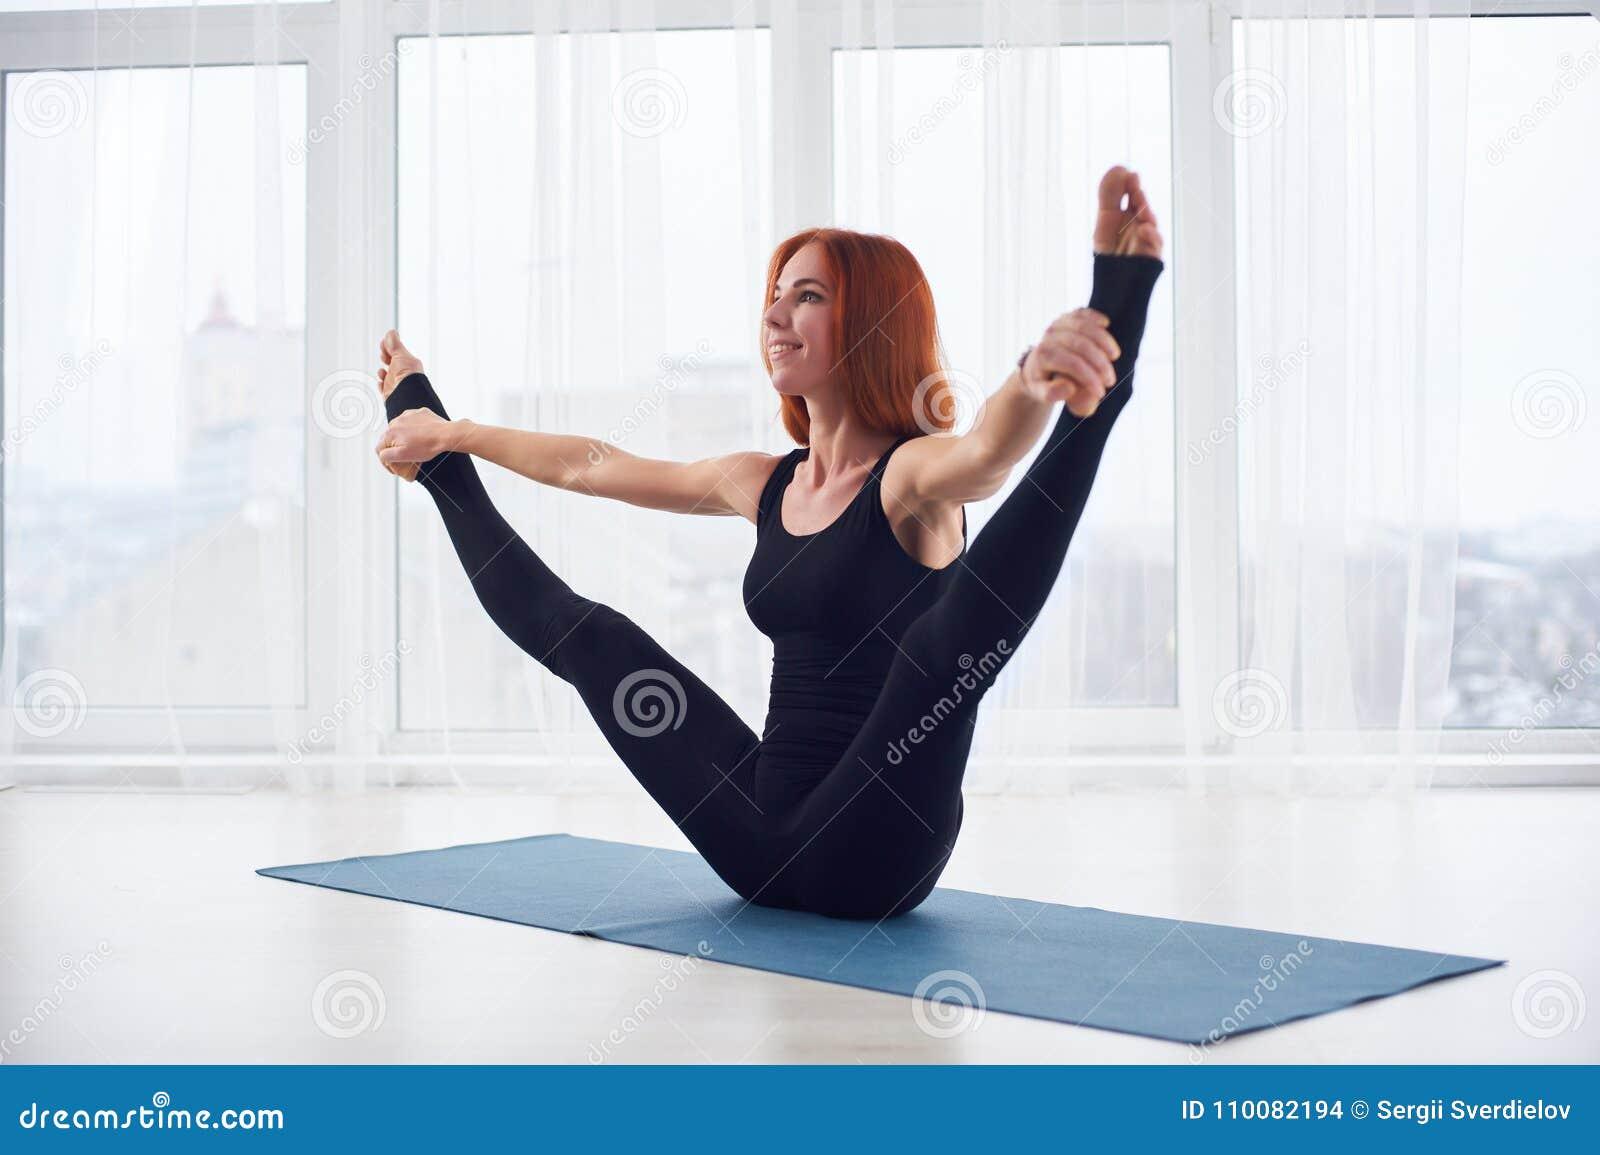 Schöne Junge Frau übt Yoga Asana Urdhva Upavistha Konasana Am ...